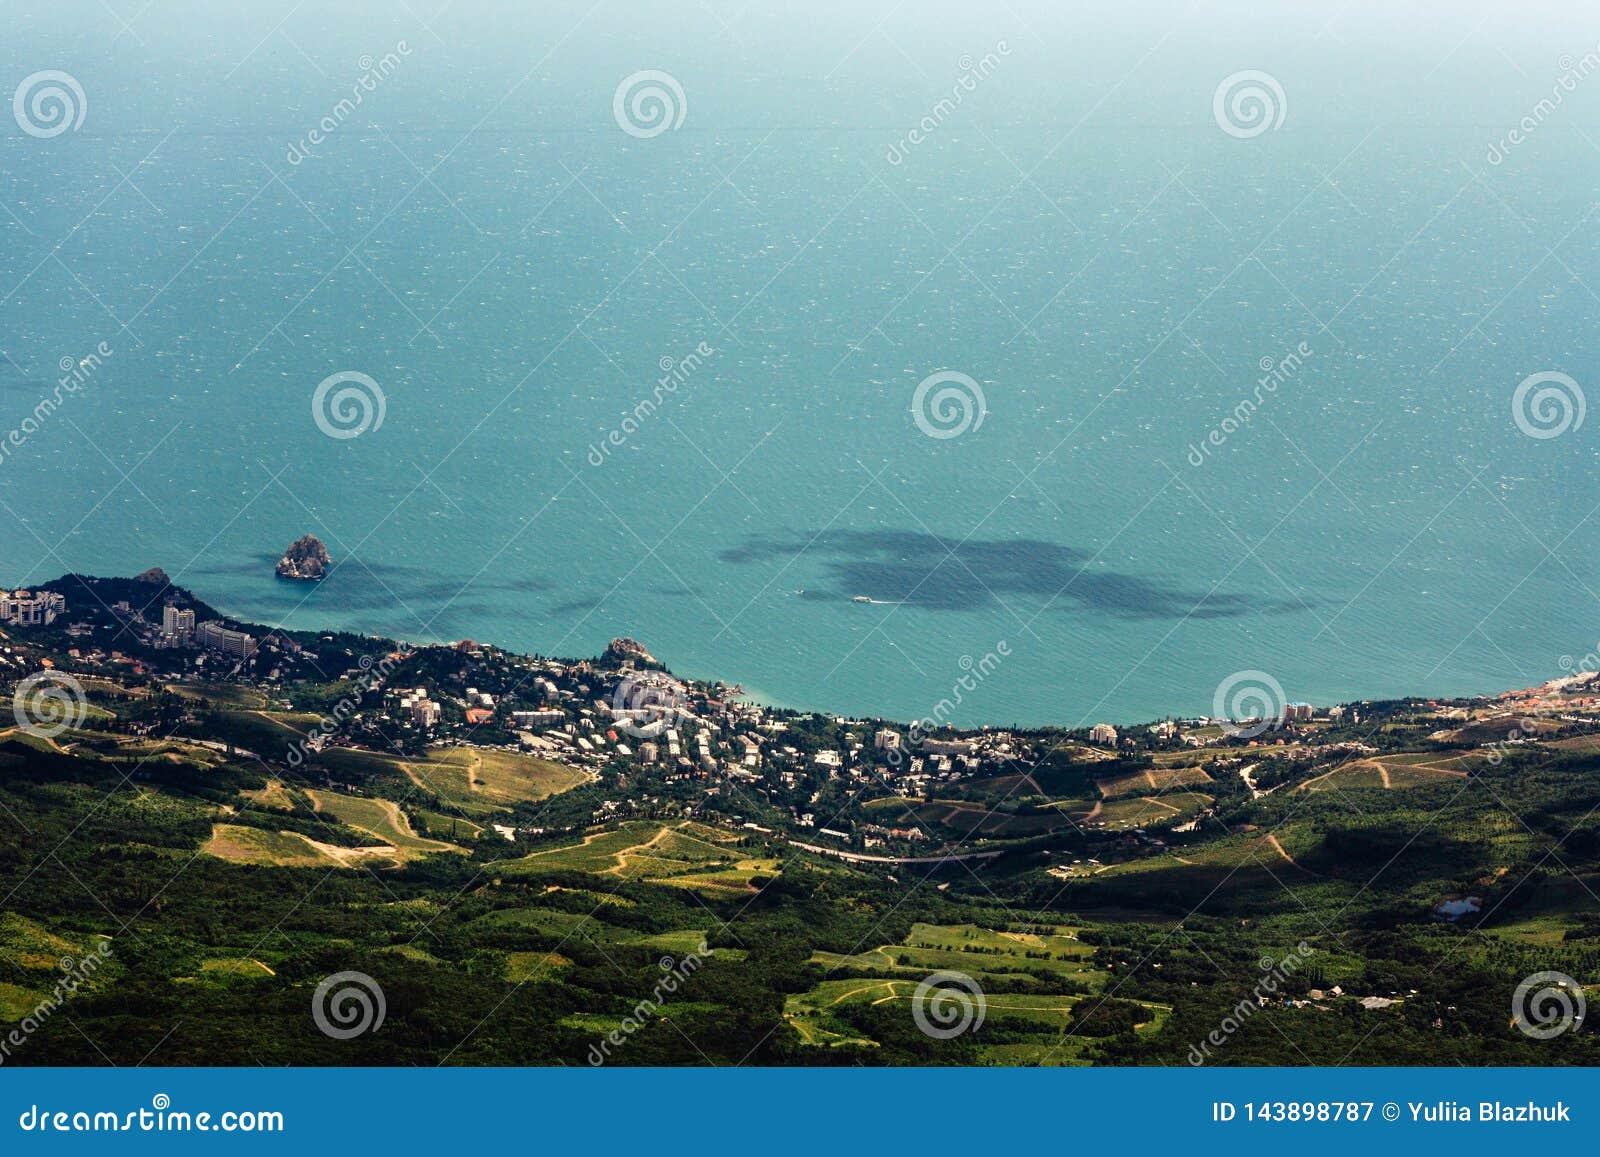 Взгляд сверху морского побережья с лесом, зданиями и открытым морем